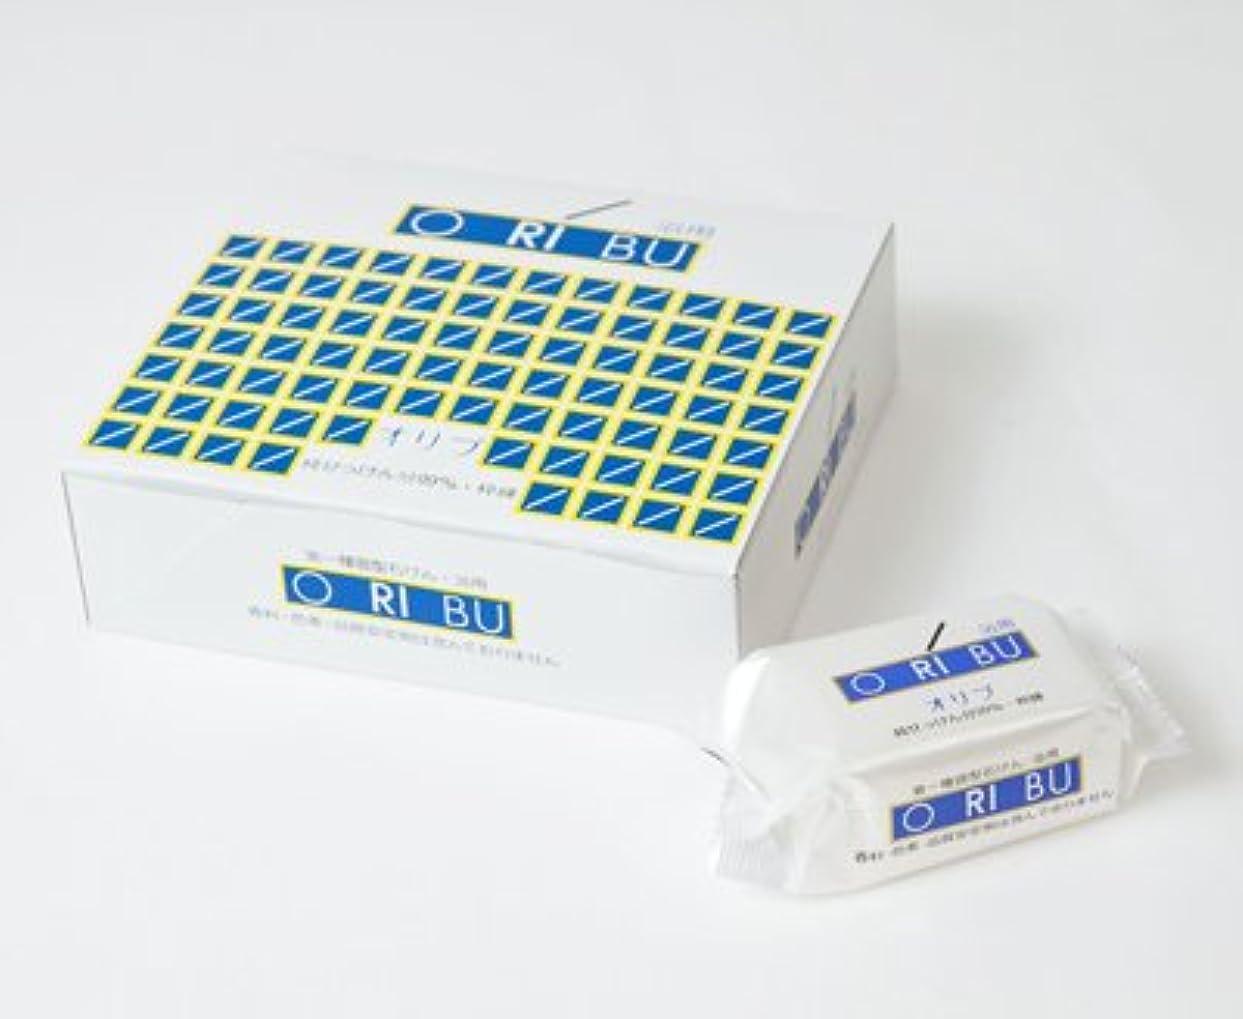 マラドロイト命題ピンク暁石鹸 ORIBU オリブ浴用石けん 1箱 (110g×10個入) 泡立てネット付き